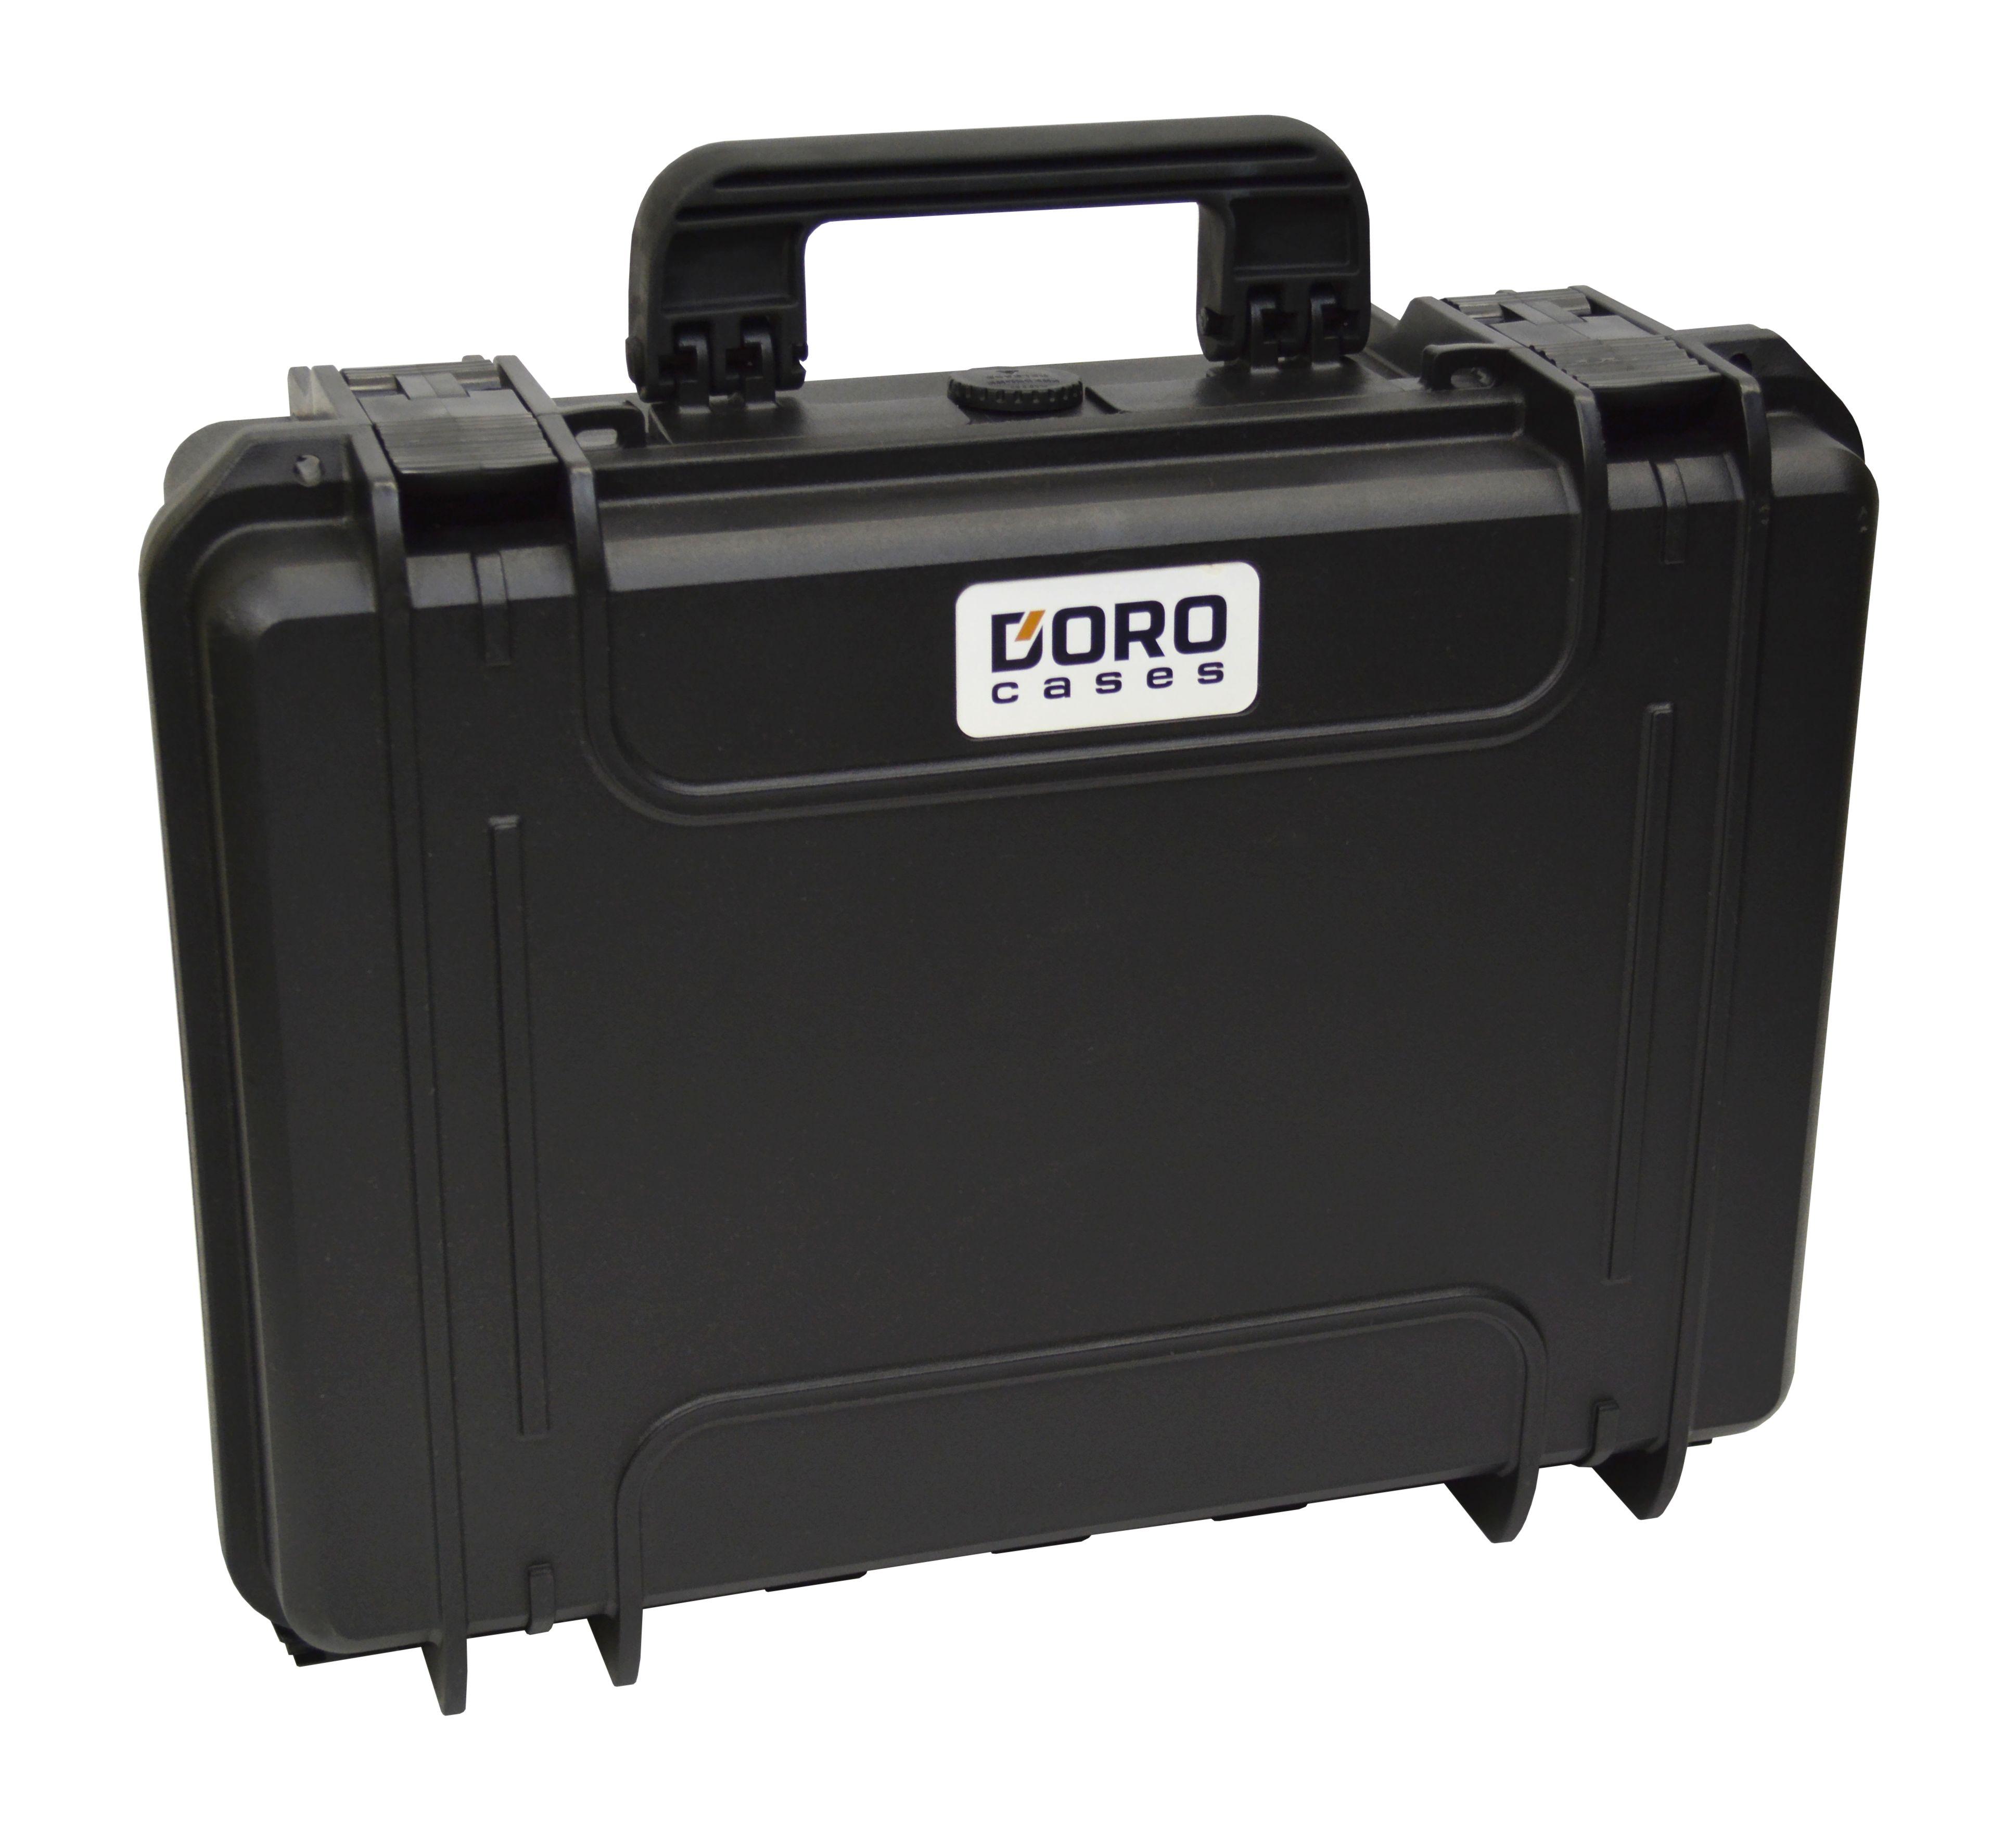 AG-D16116-0412XPGD in DORO D1611-6 Case